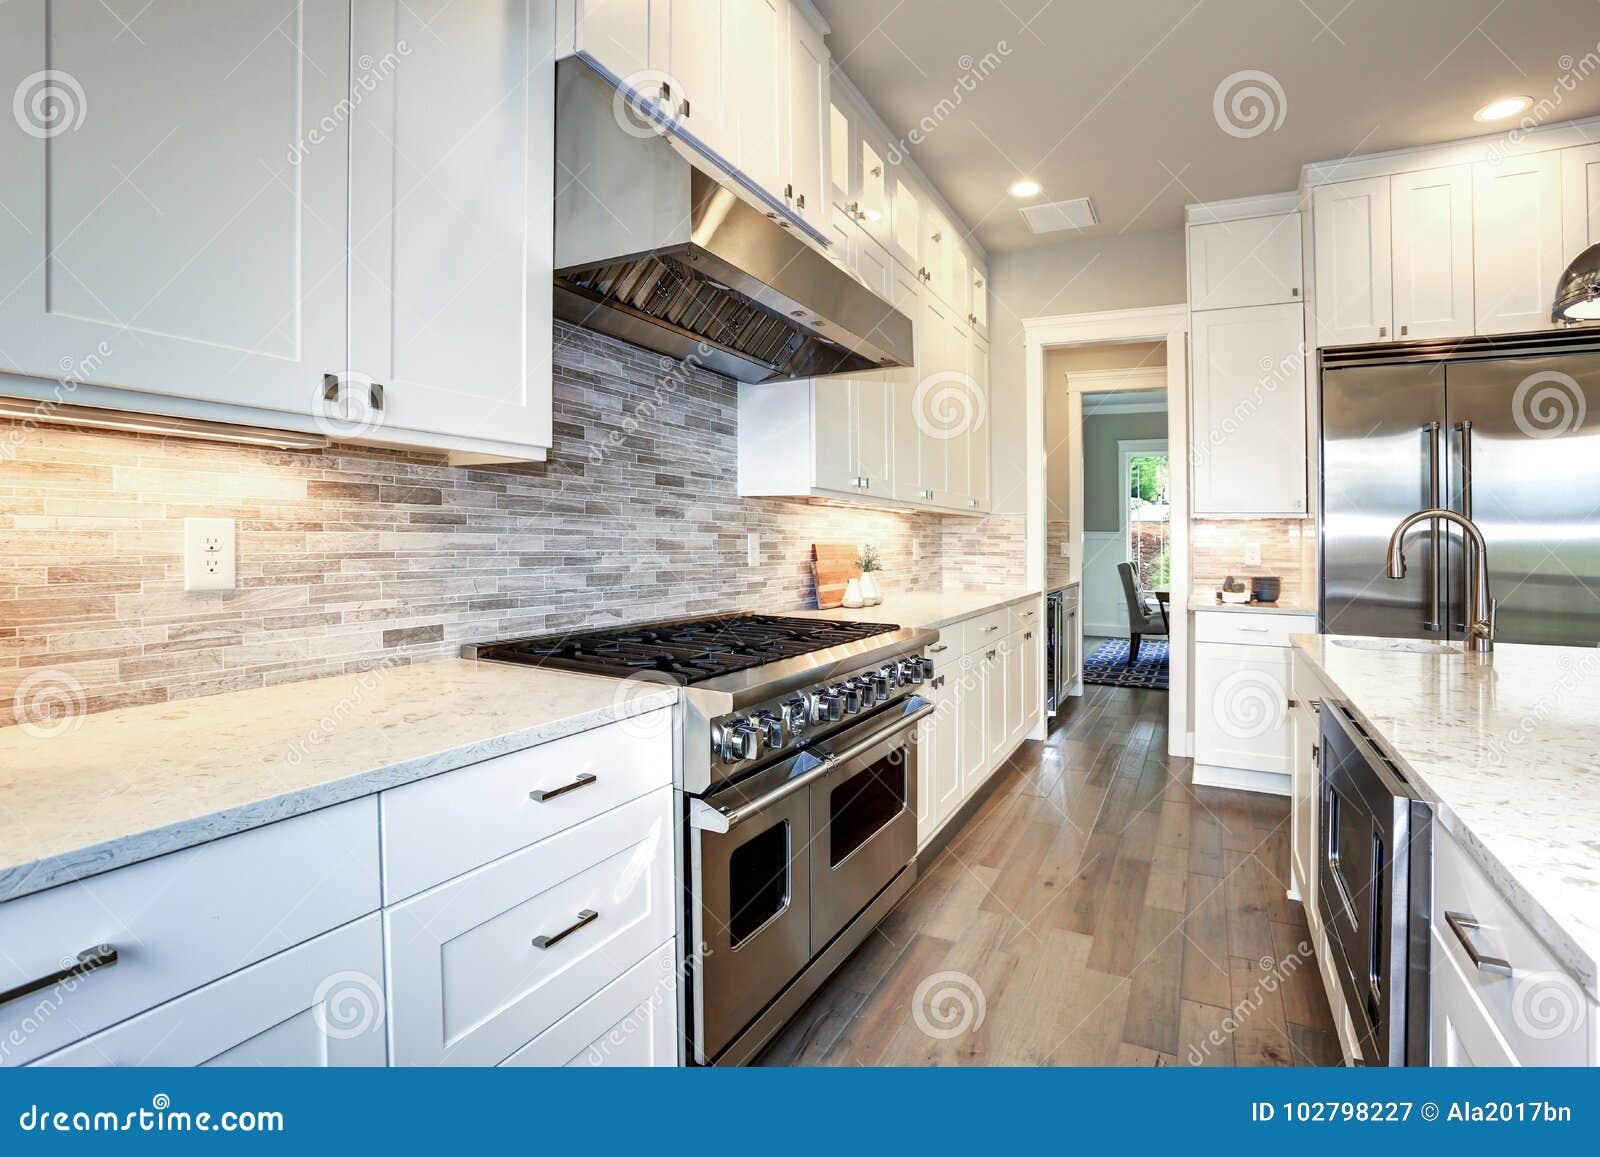 Luxury White Kitchen With Large Kitchen Island Stock Image Image